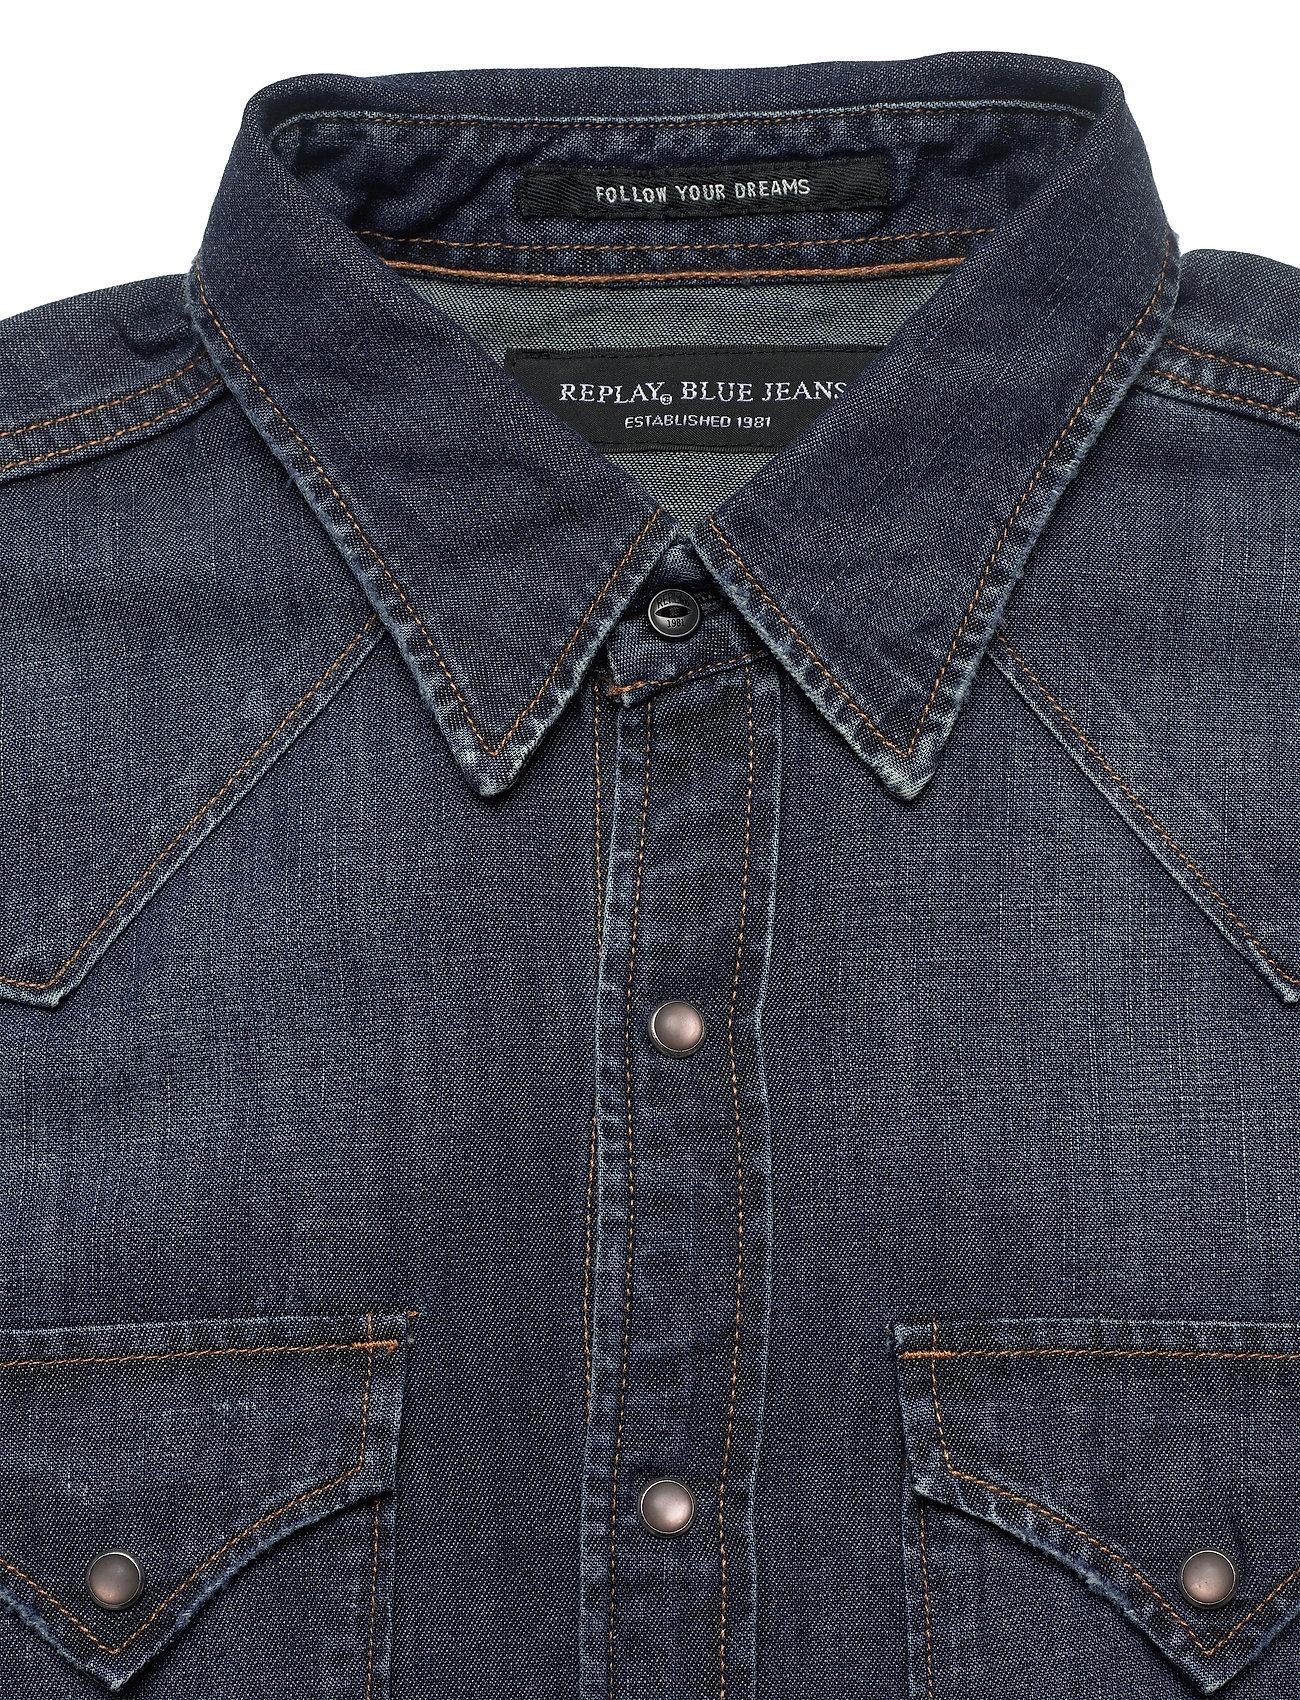 Replay Shirt - Skjorter DARK BLUE - Menn Klær